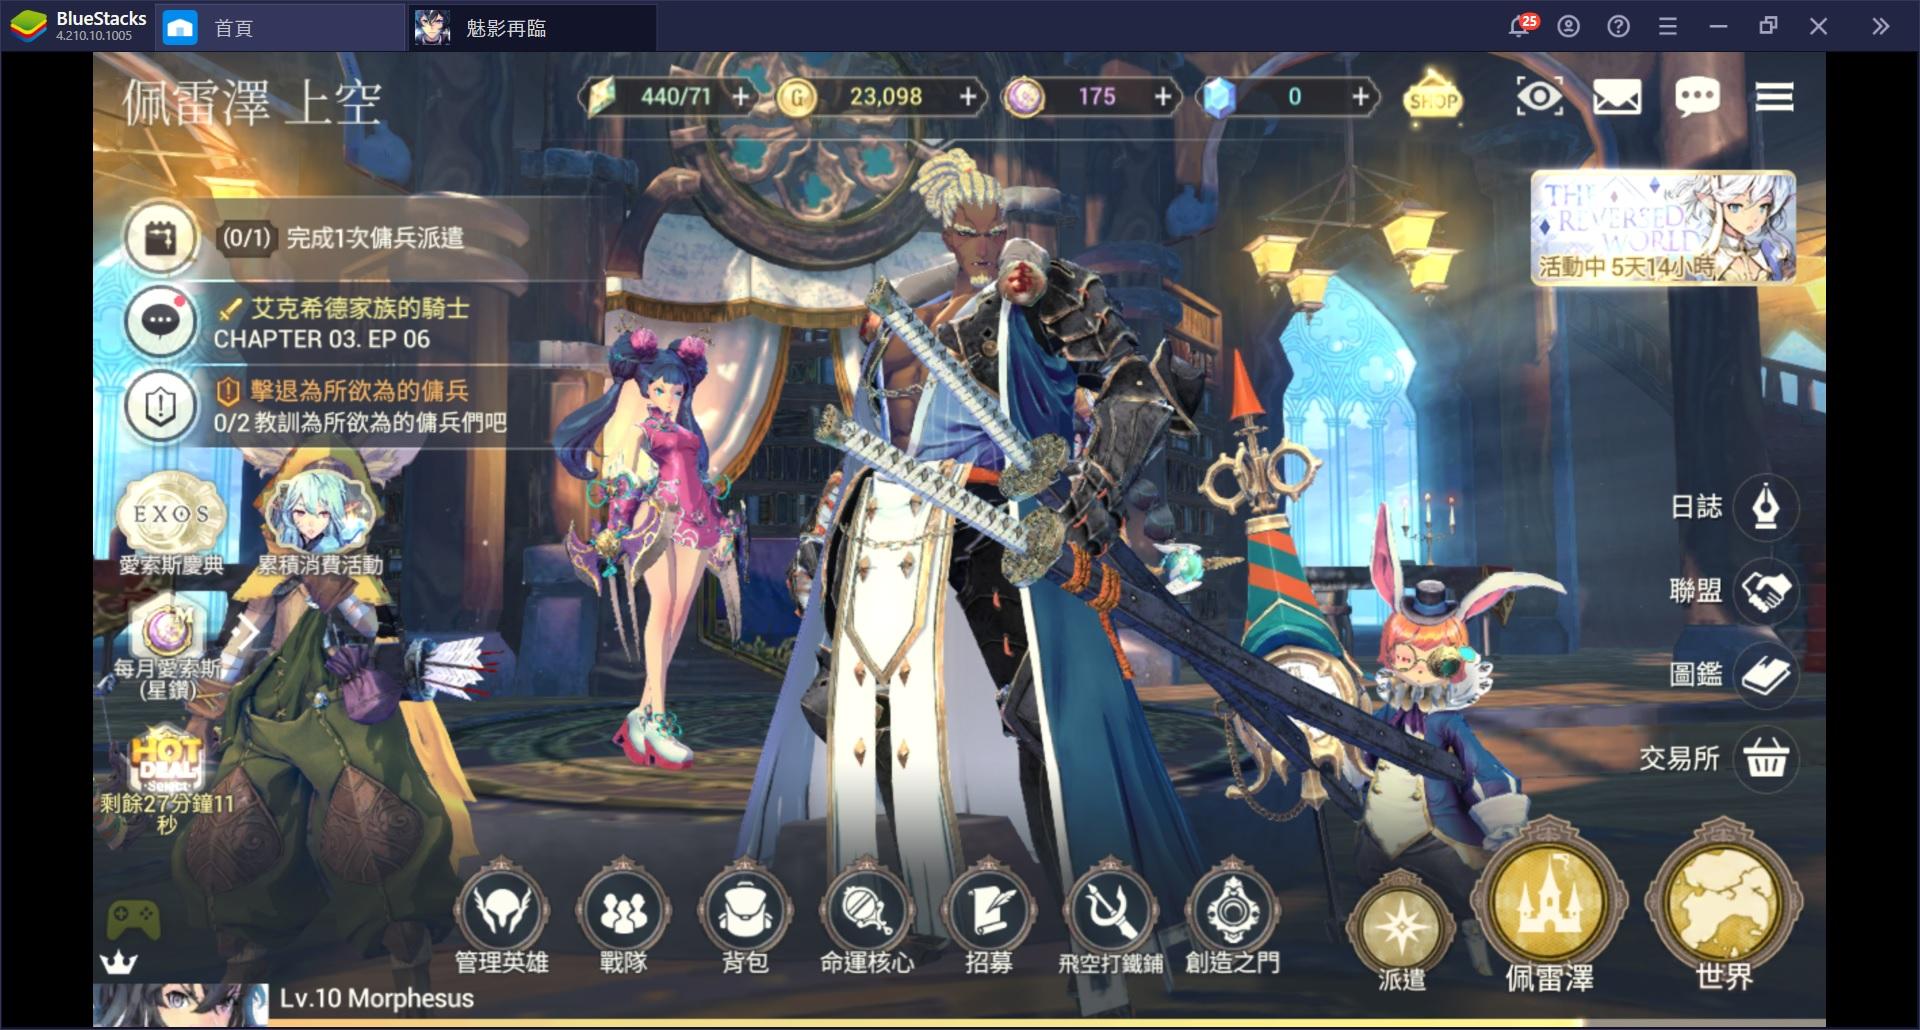 使用BlueStacks在PC上遊玩英雄收集型RPG遊戲《魅影再臨:Exos Heroes》